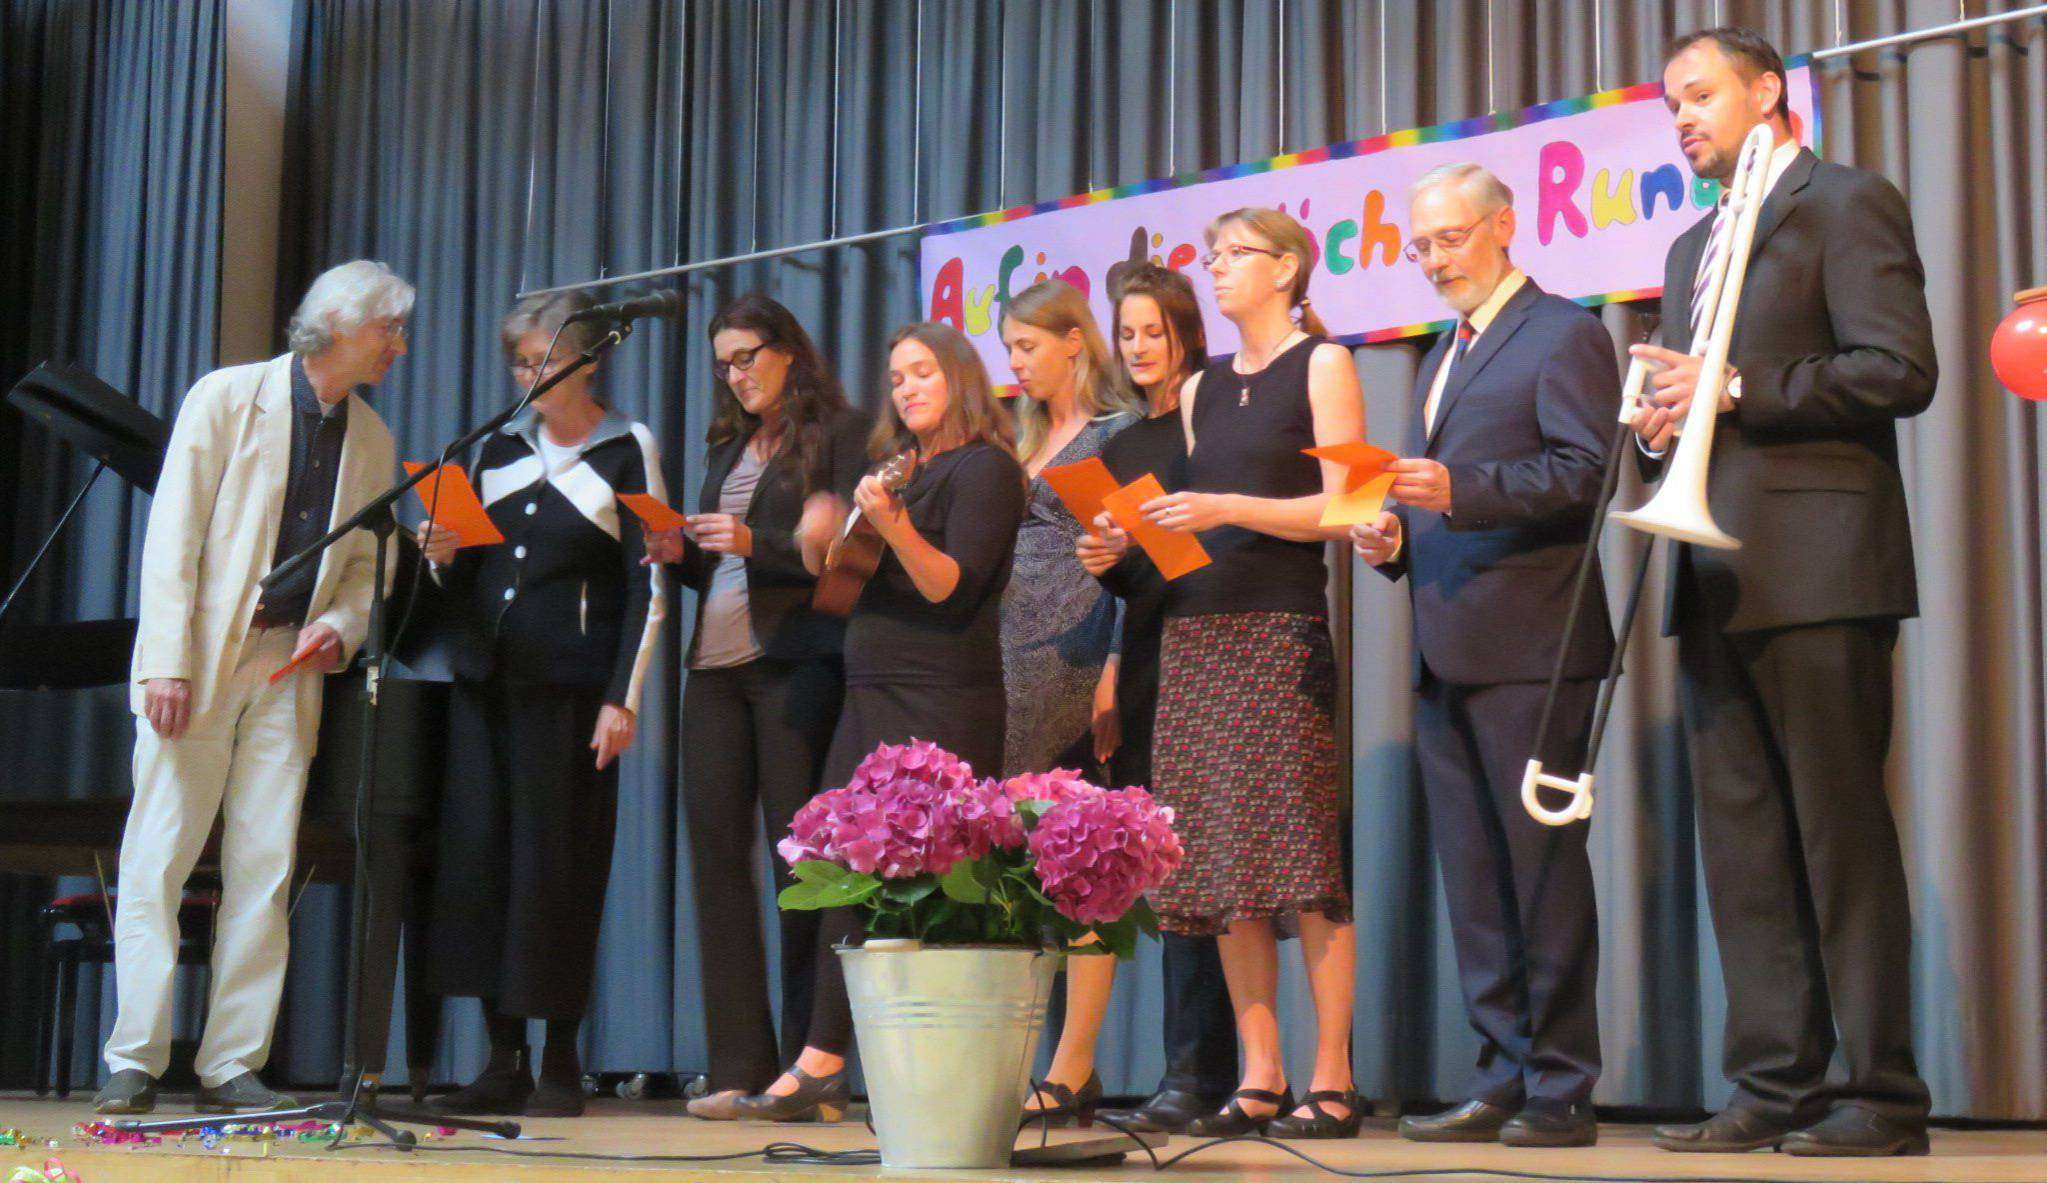 Der Lehrerchor beeindruckte mit einem gelungenen musikalischen Auftritt. Foto: Elke Keppler-Rosenau